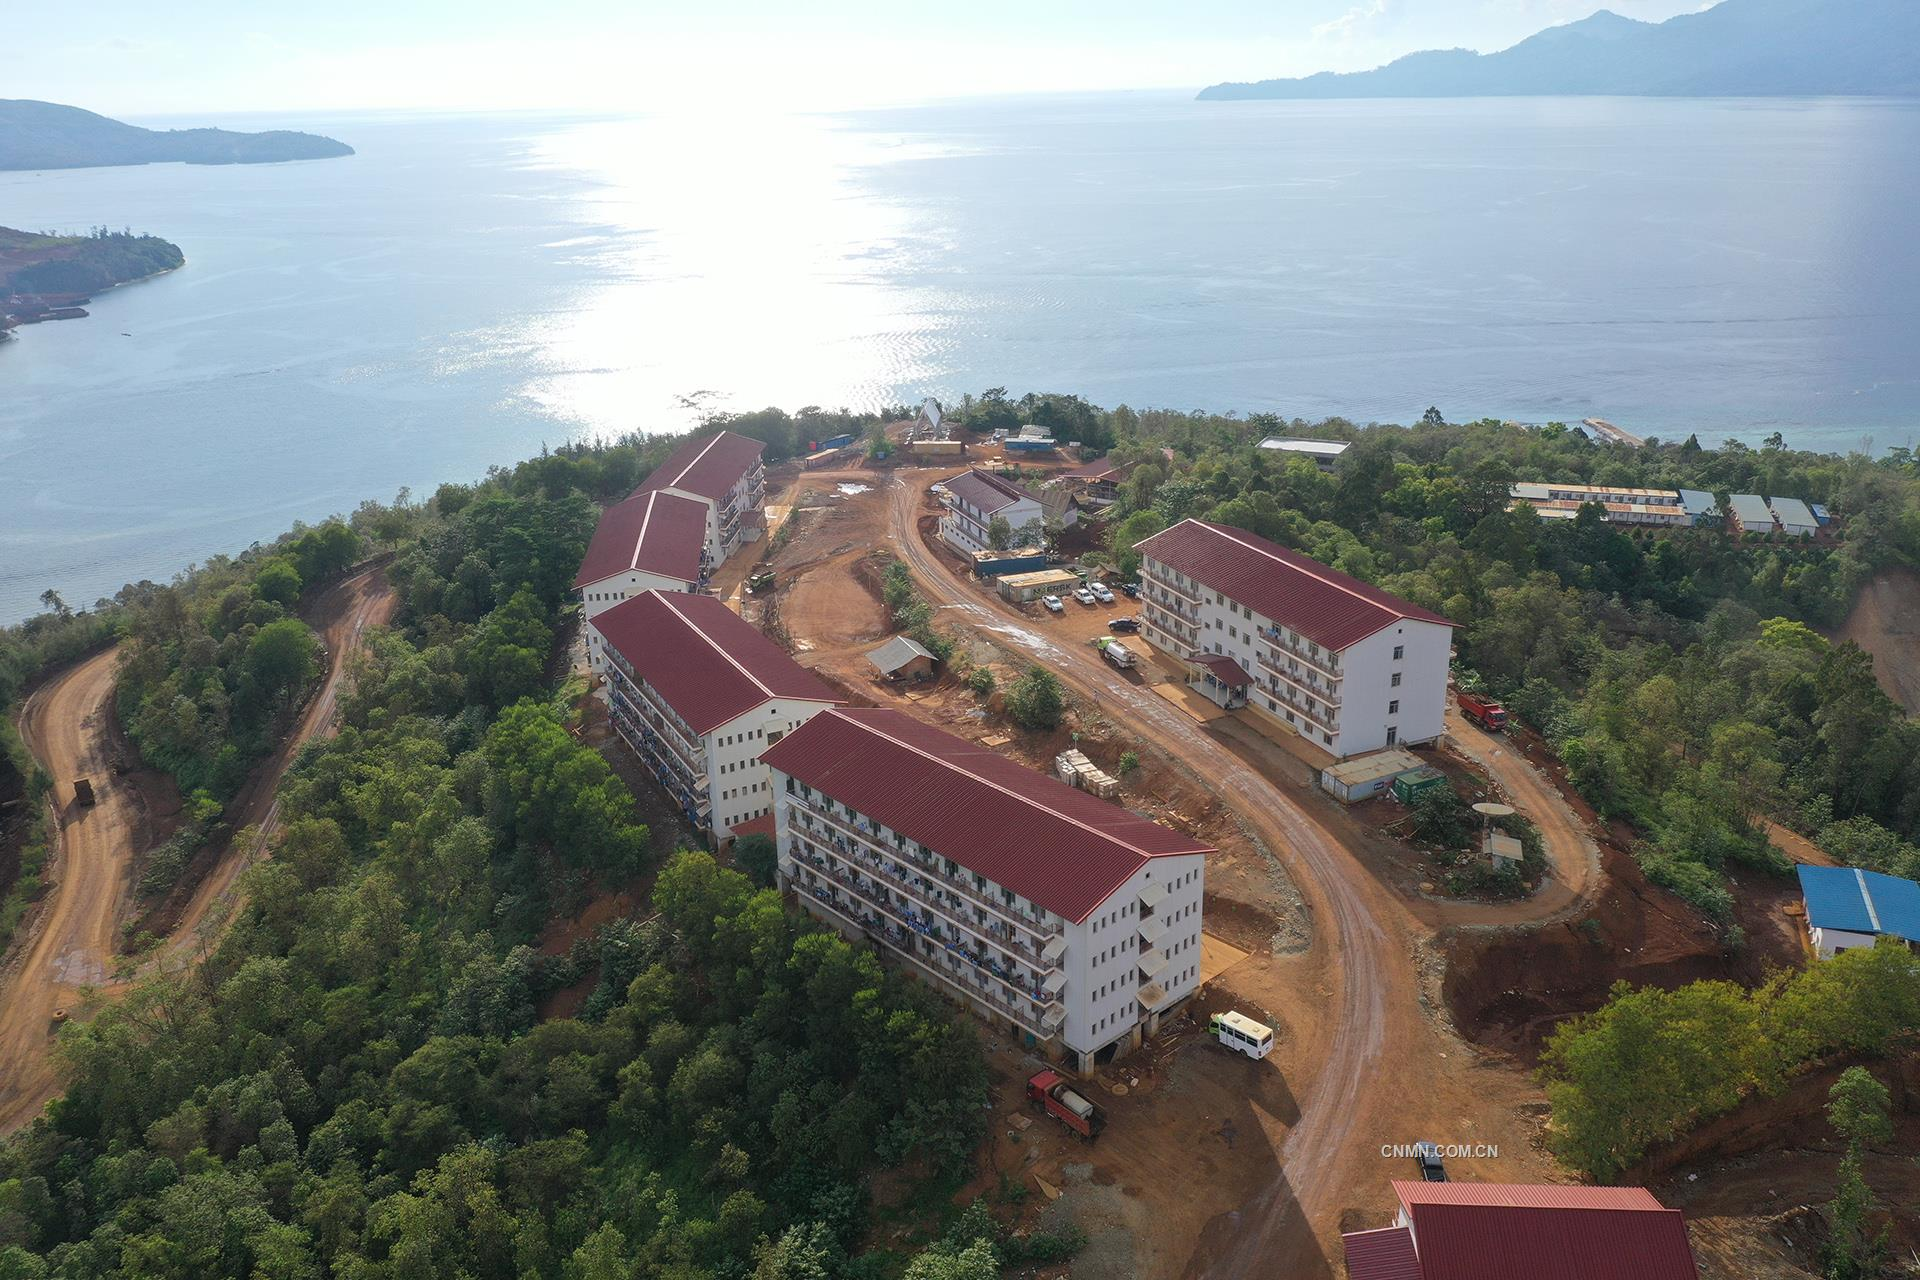 印尼金川WP公司提早完成220万吨红土镍矿出口配额发卖义务